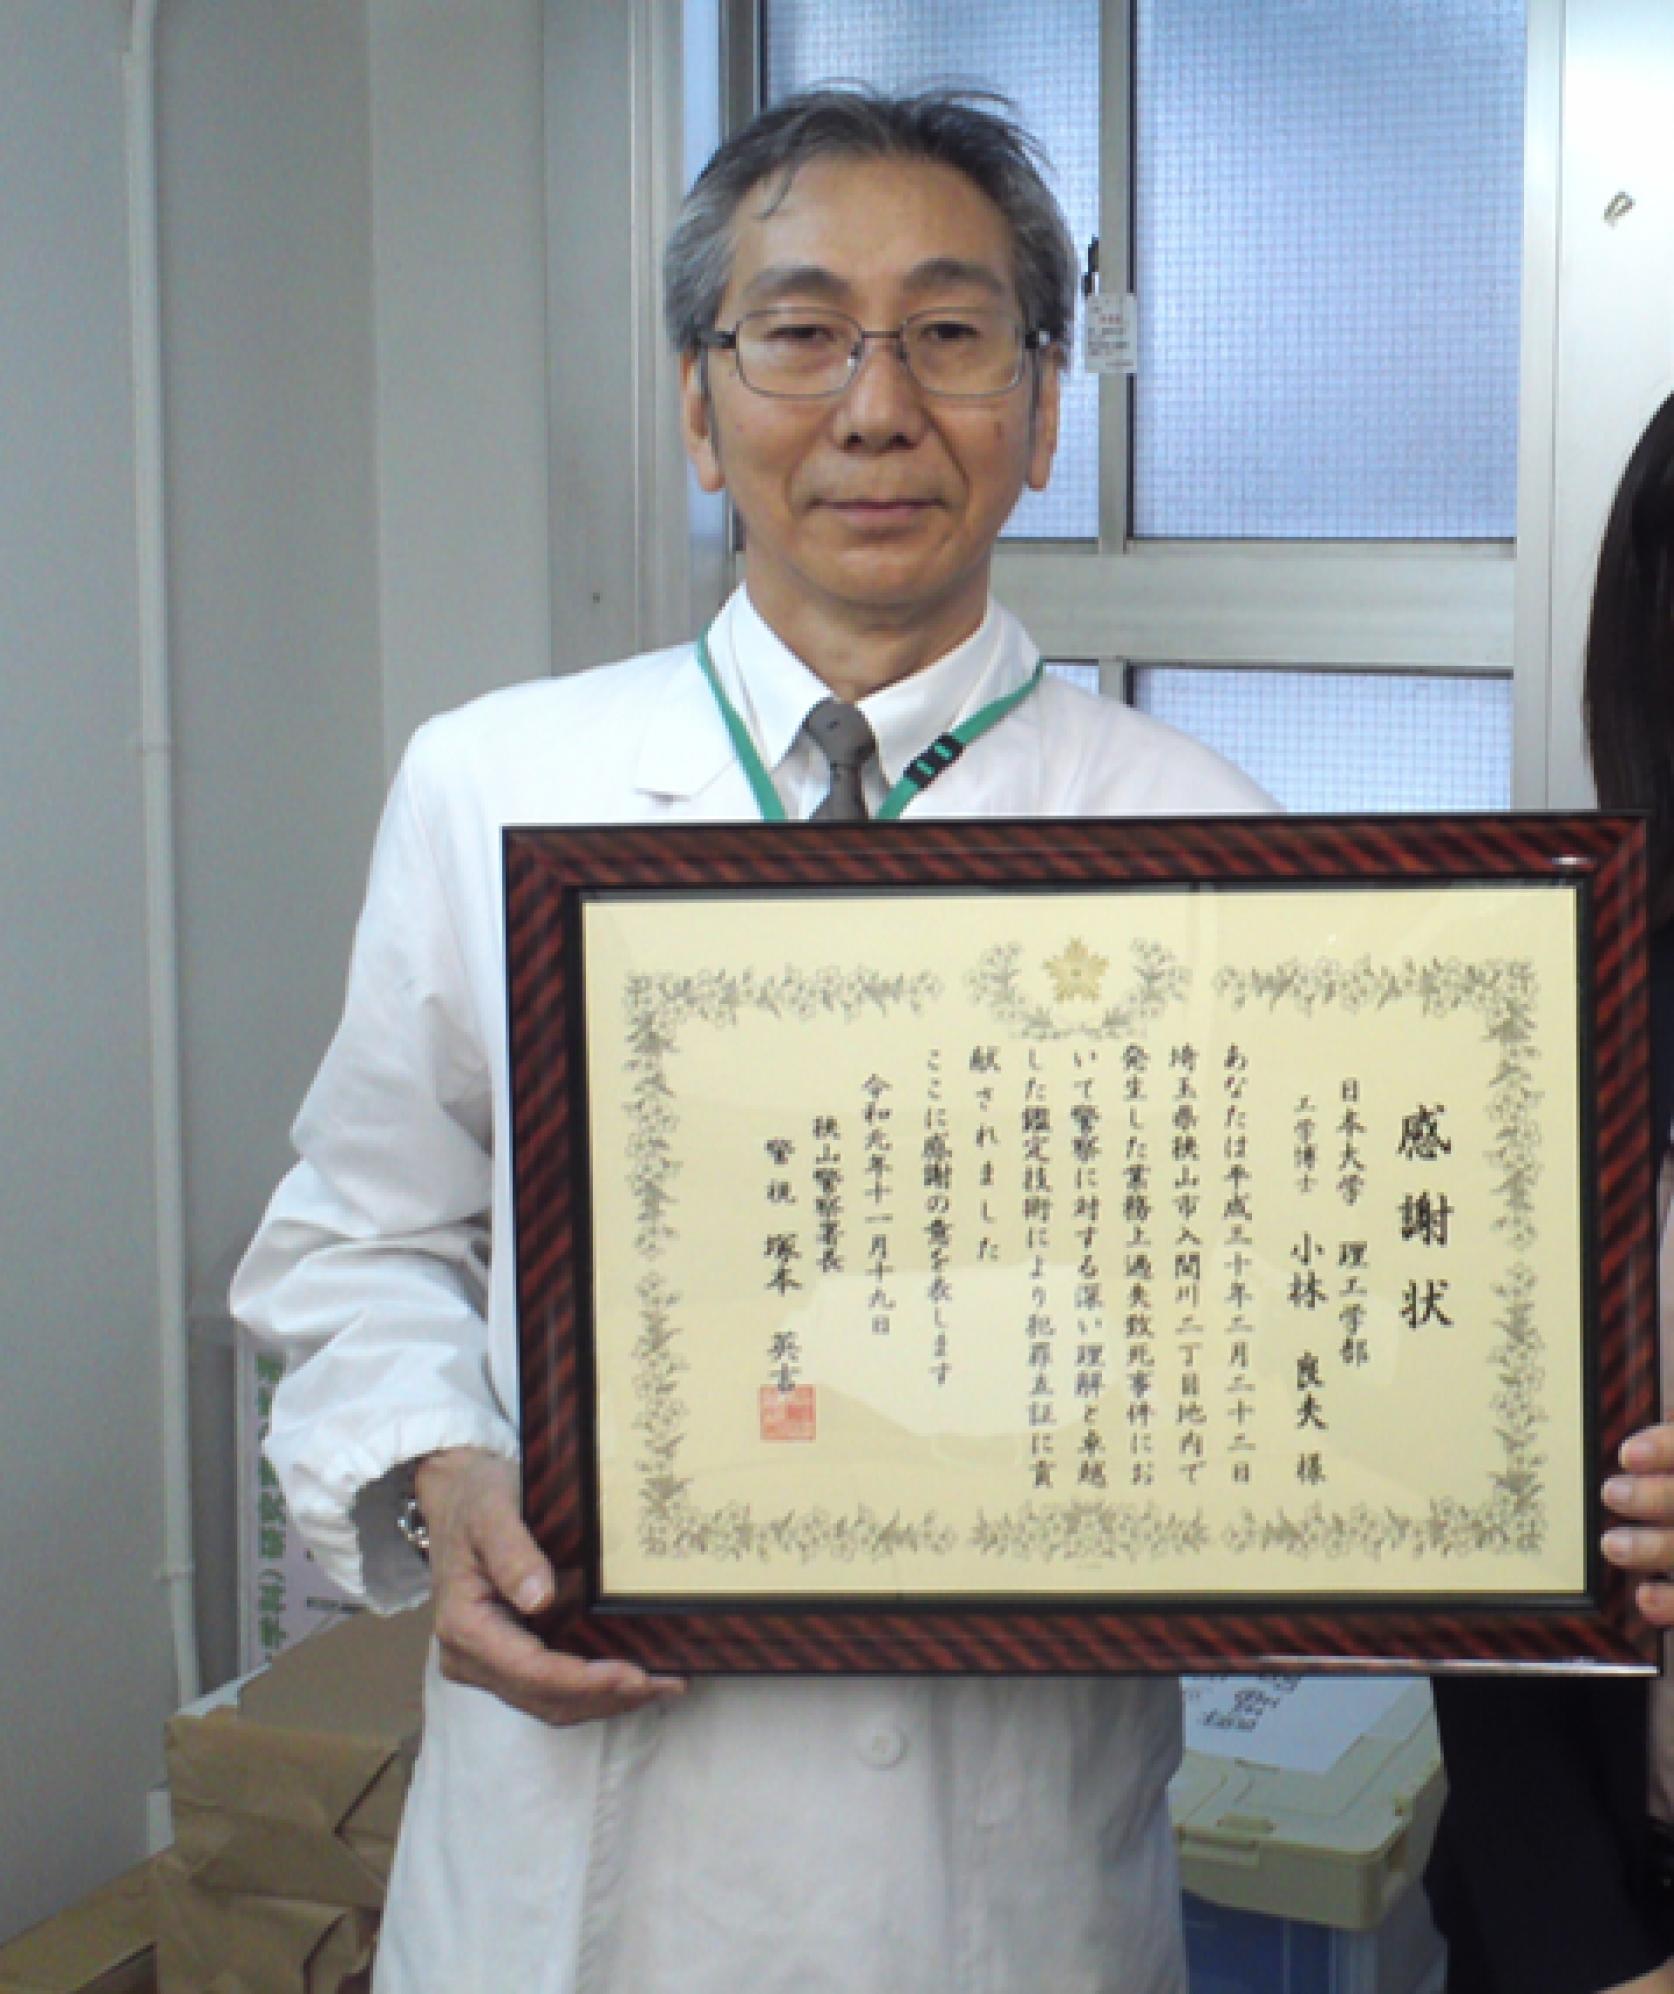 物質応用化学科 非常勤講師 小林良夫先生が、熊本県警察そして埼玉県警察より感謝状が贈られました。